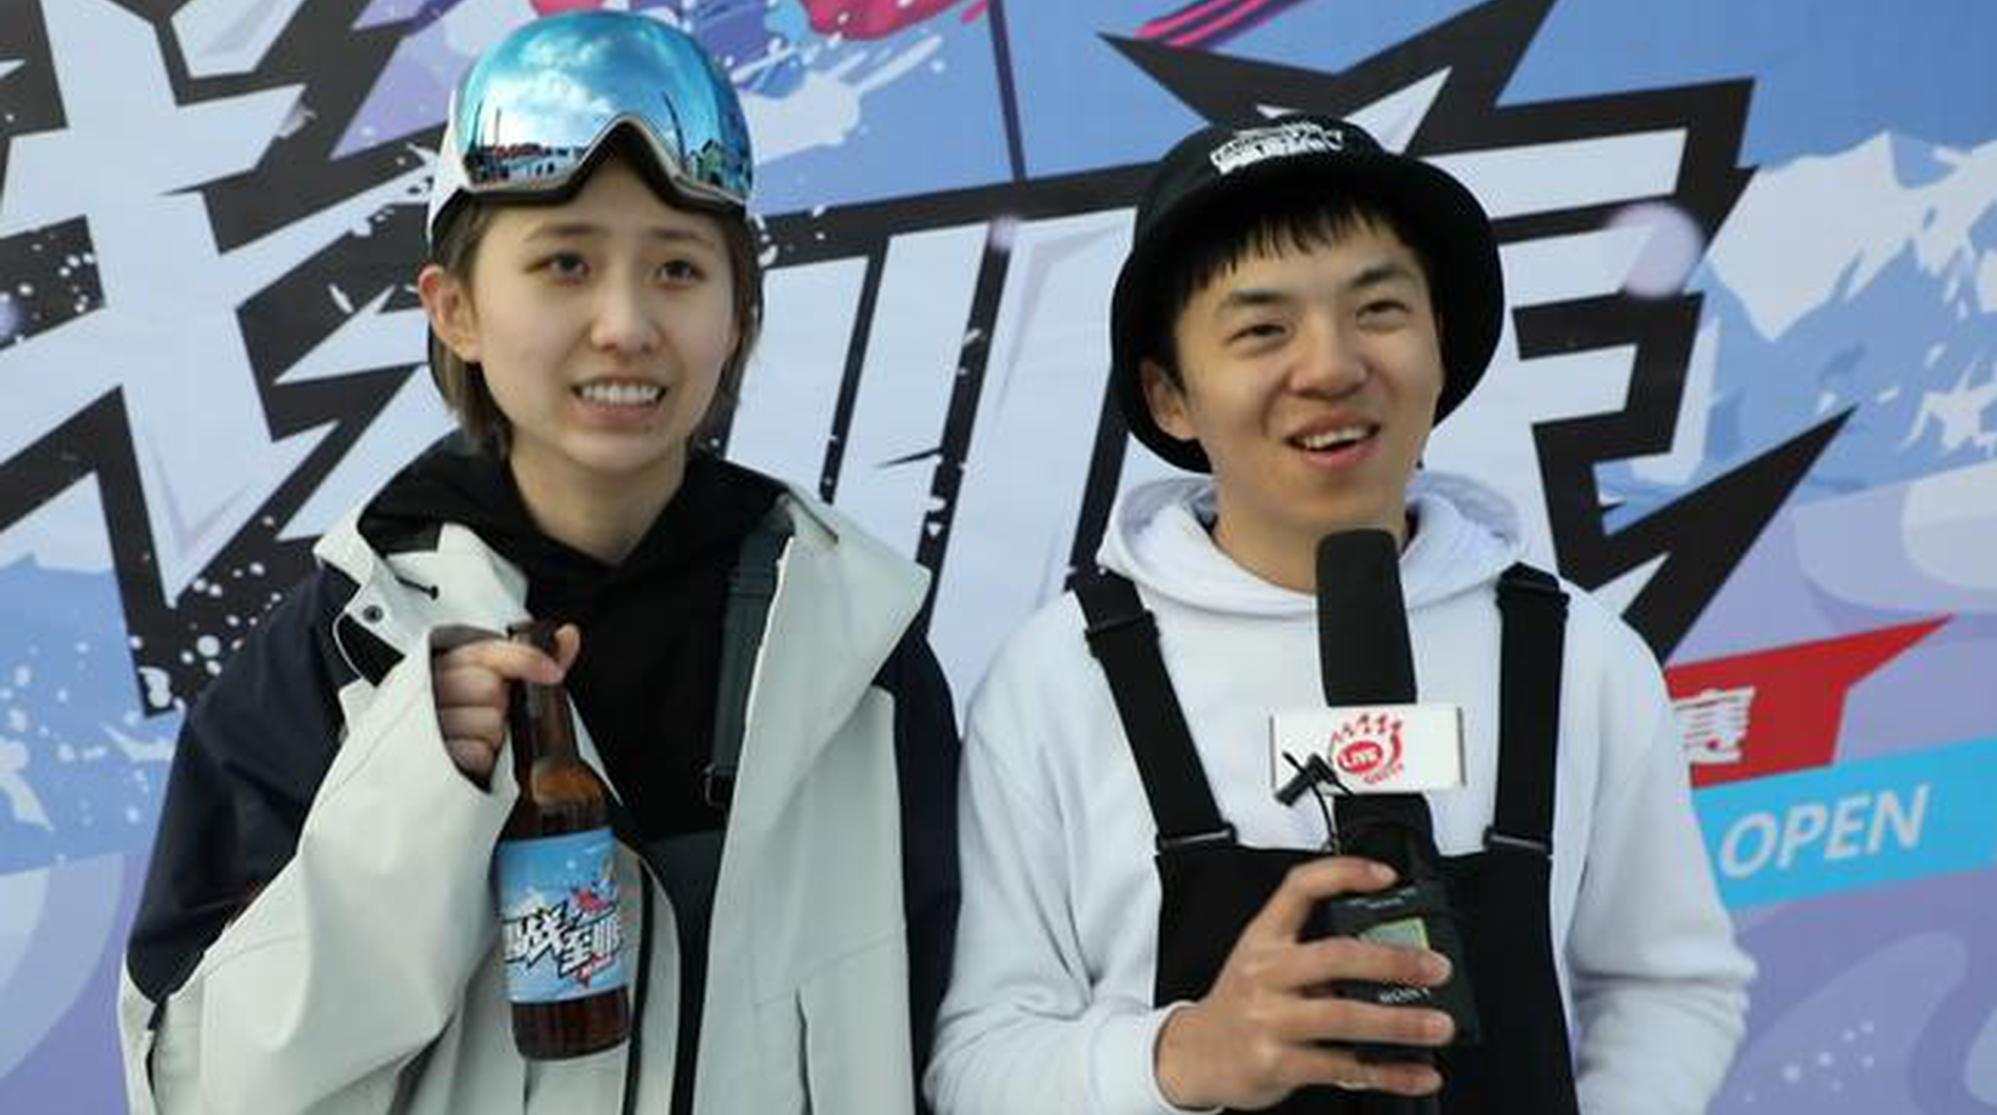 雪族单板选手裴隆吉与女友